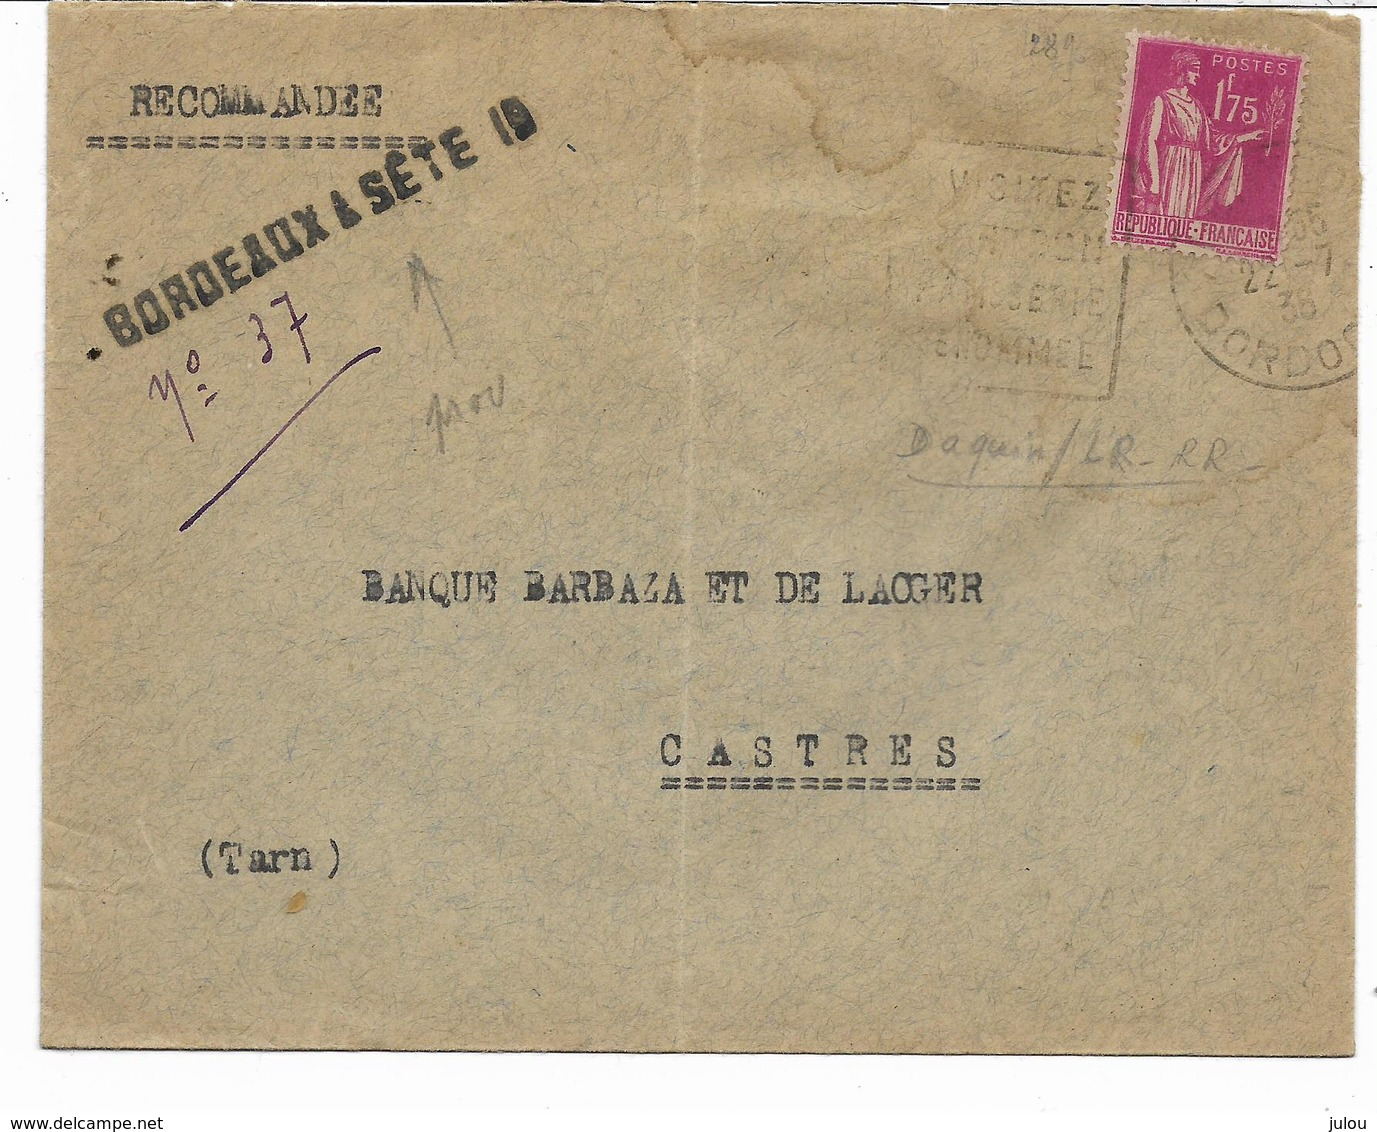 Marque BORDEAUX A SETE 10  Sur Lettre Recommandée De Fortune + Daguin + Paix 1f75  Vers CASTRES  Voir 2 Scans - Postmark Collection (Covers)